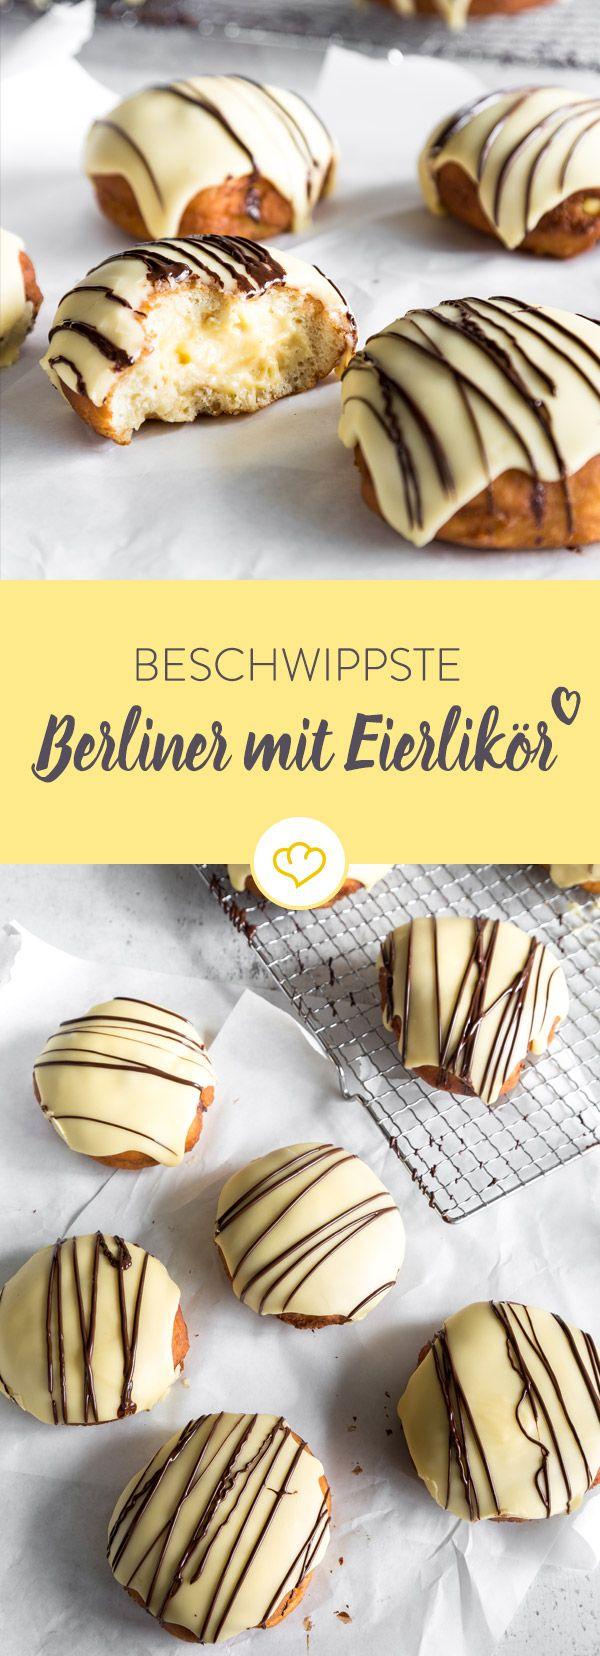 Klingelingelling, hier kommt der Eierlikörberliner! Mit leckerer Cremefüllung und schönem gelben Guss sind diese Berliner schon ein echter Klassiker.